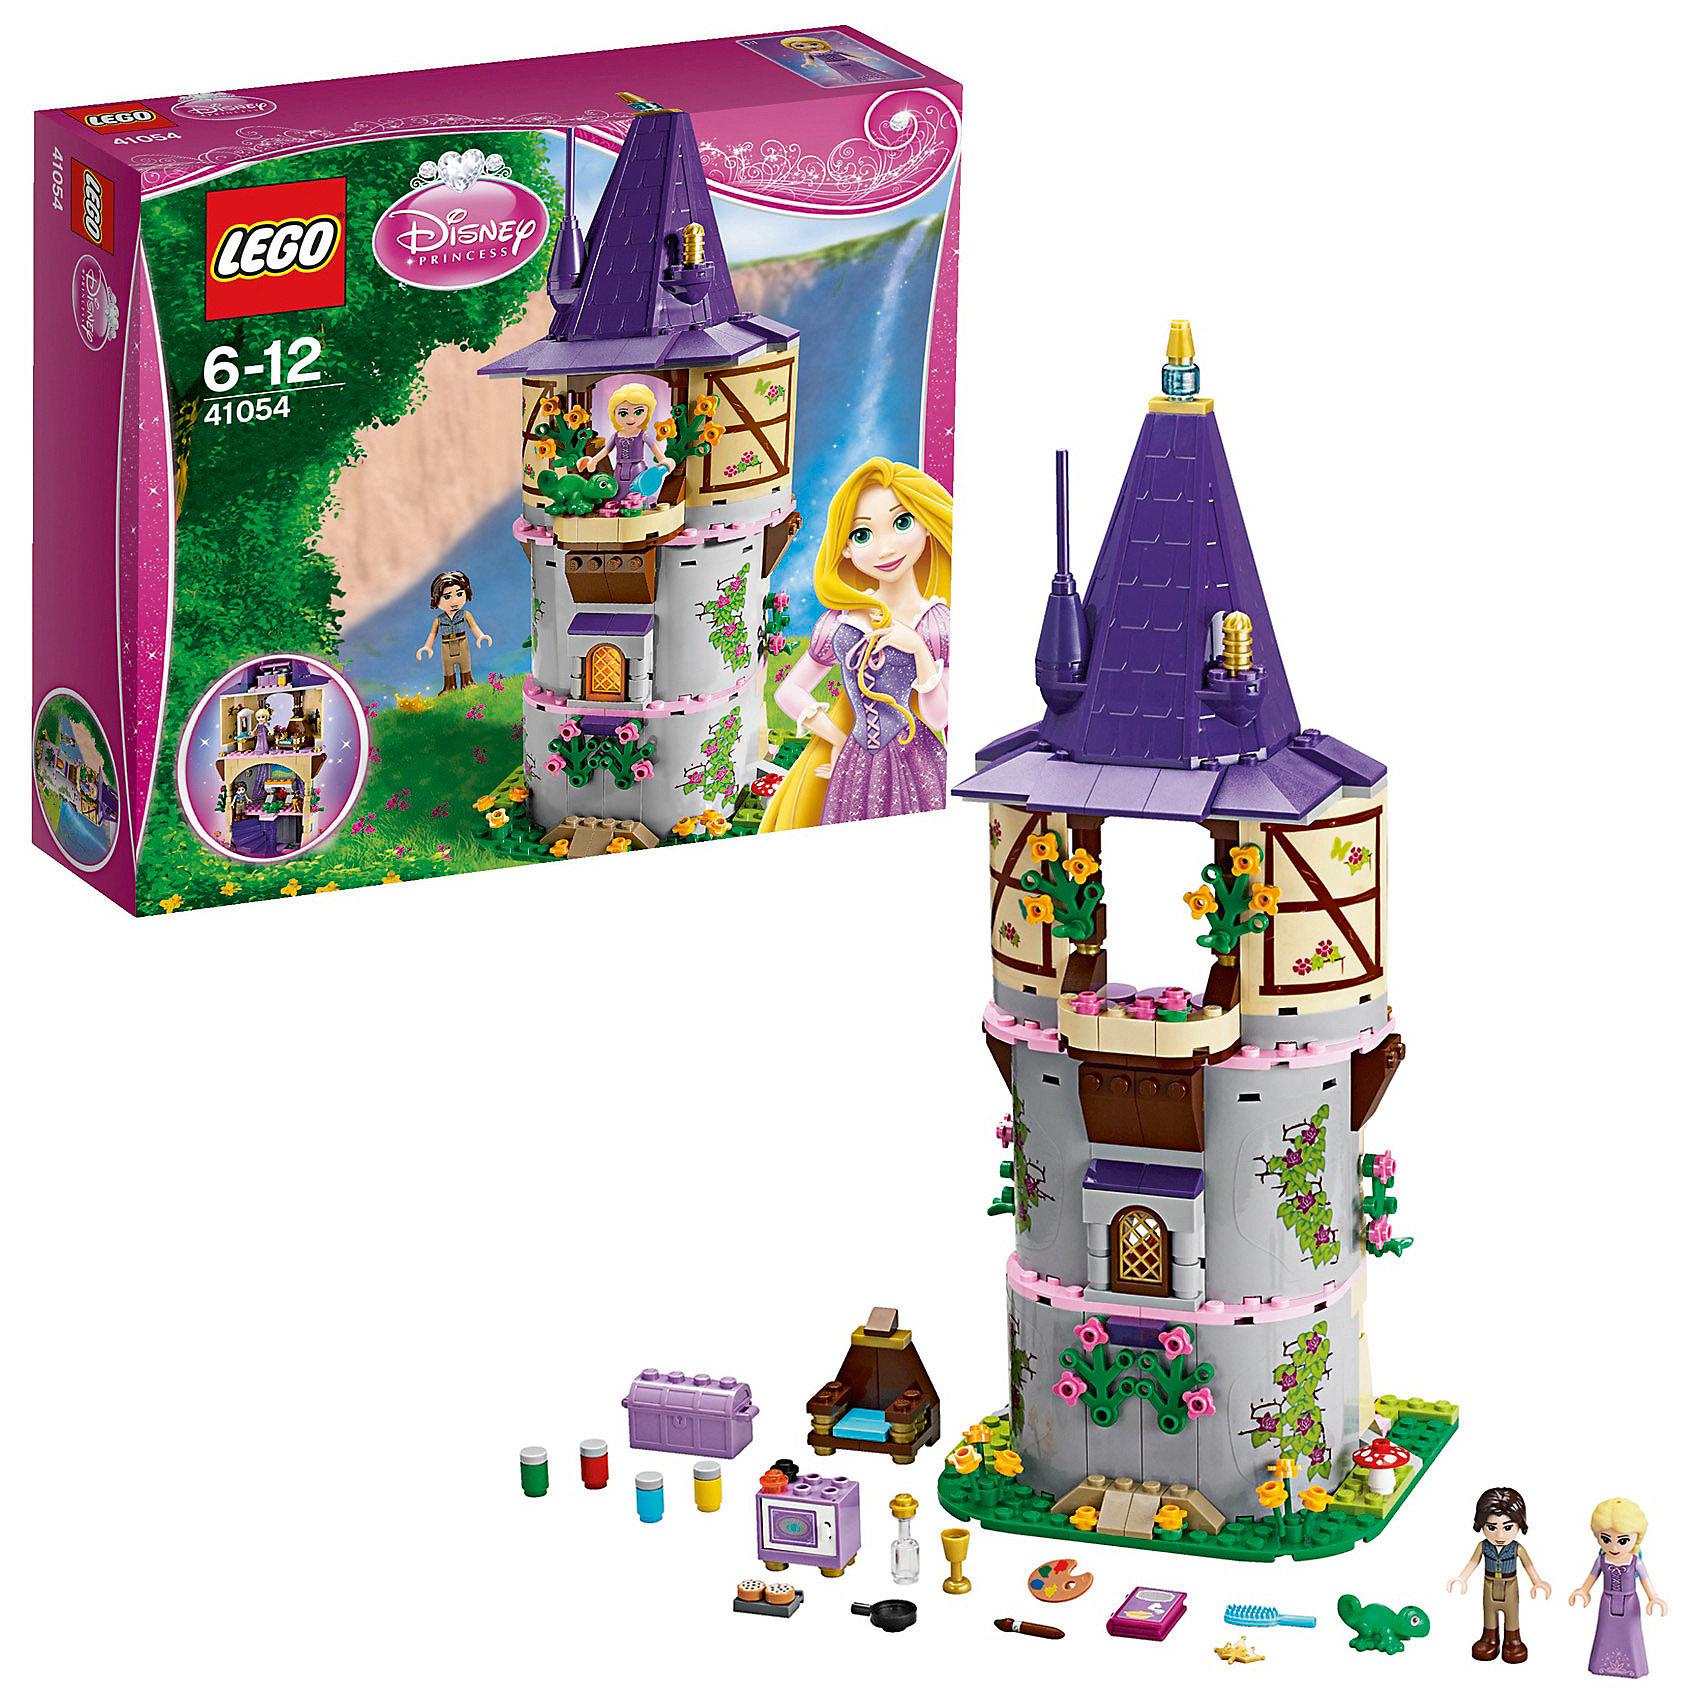 LEGO Принцессы Дисней 41054: Башня Рапунцель